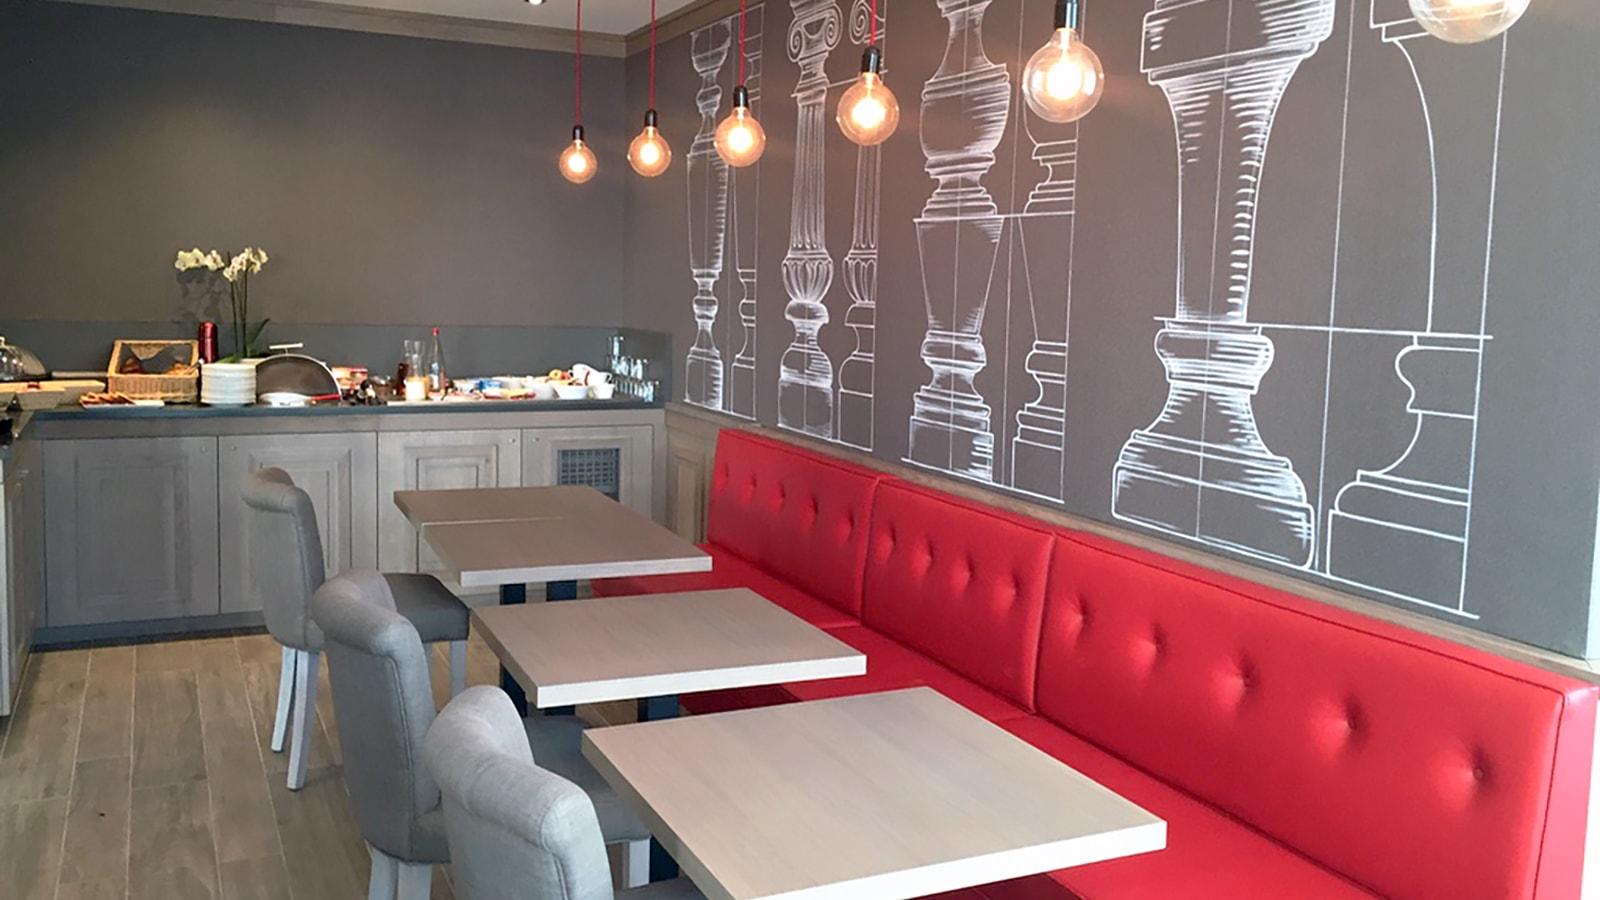 EFI Design Hotel Le 209 Paris Efi Design (5) 1187